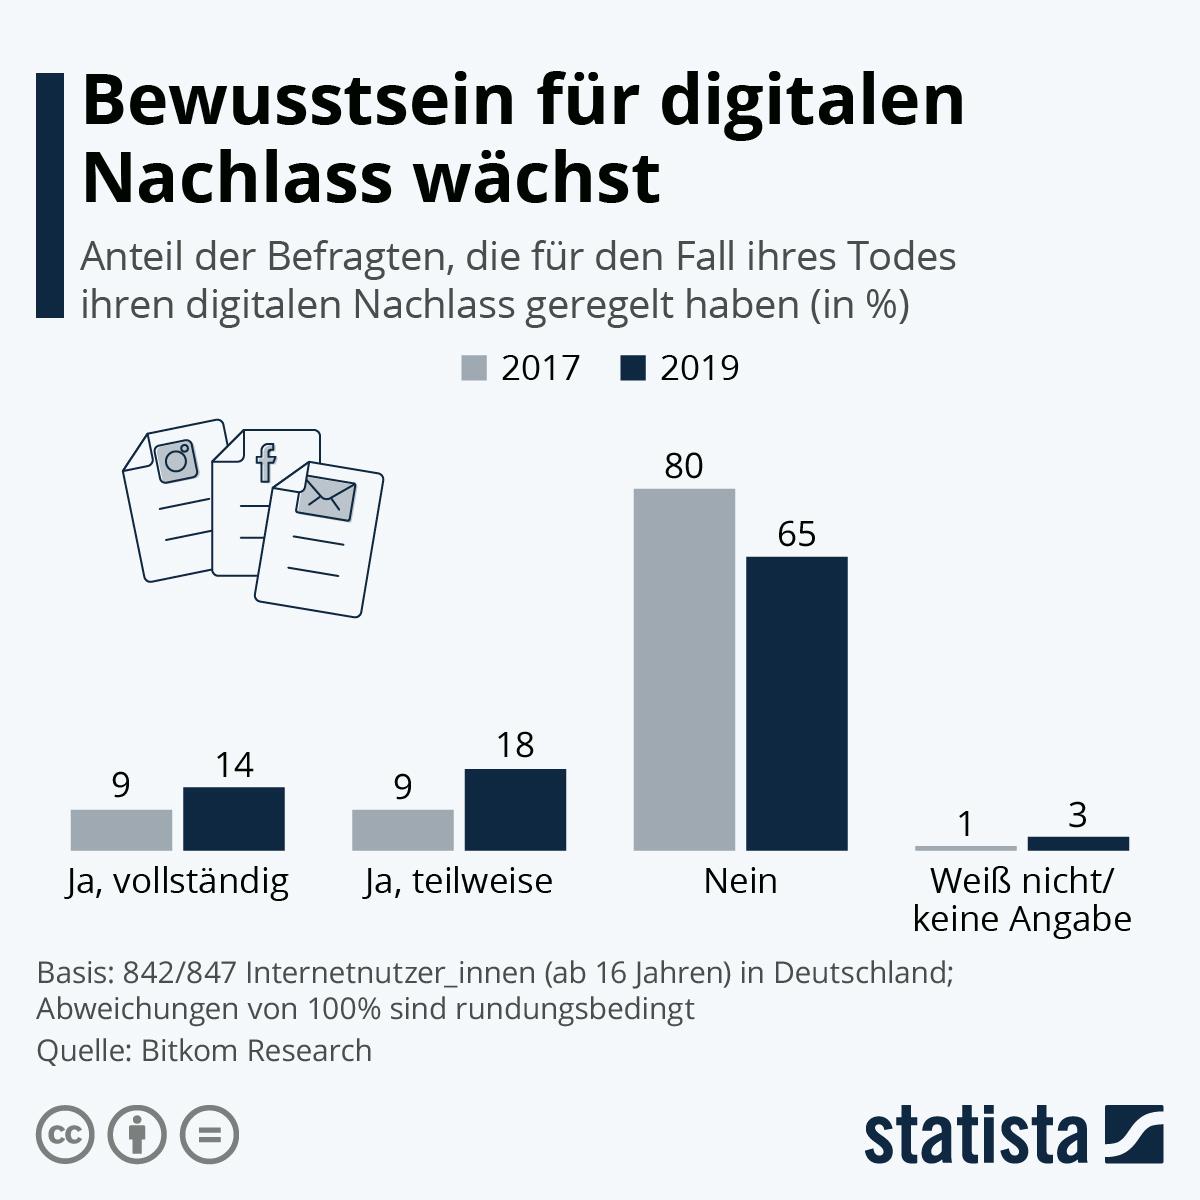 Infografik: Bewusstsein für digitalen Nachlass wächst | Statista